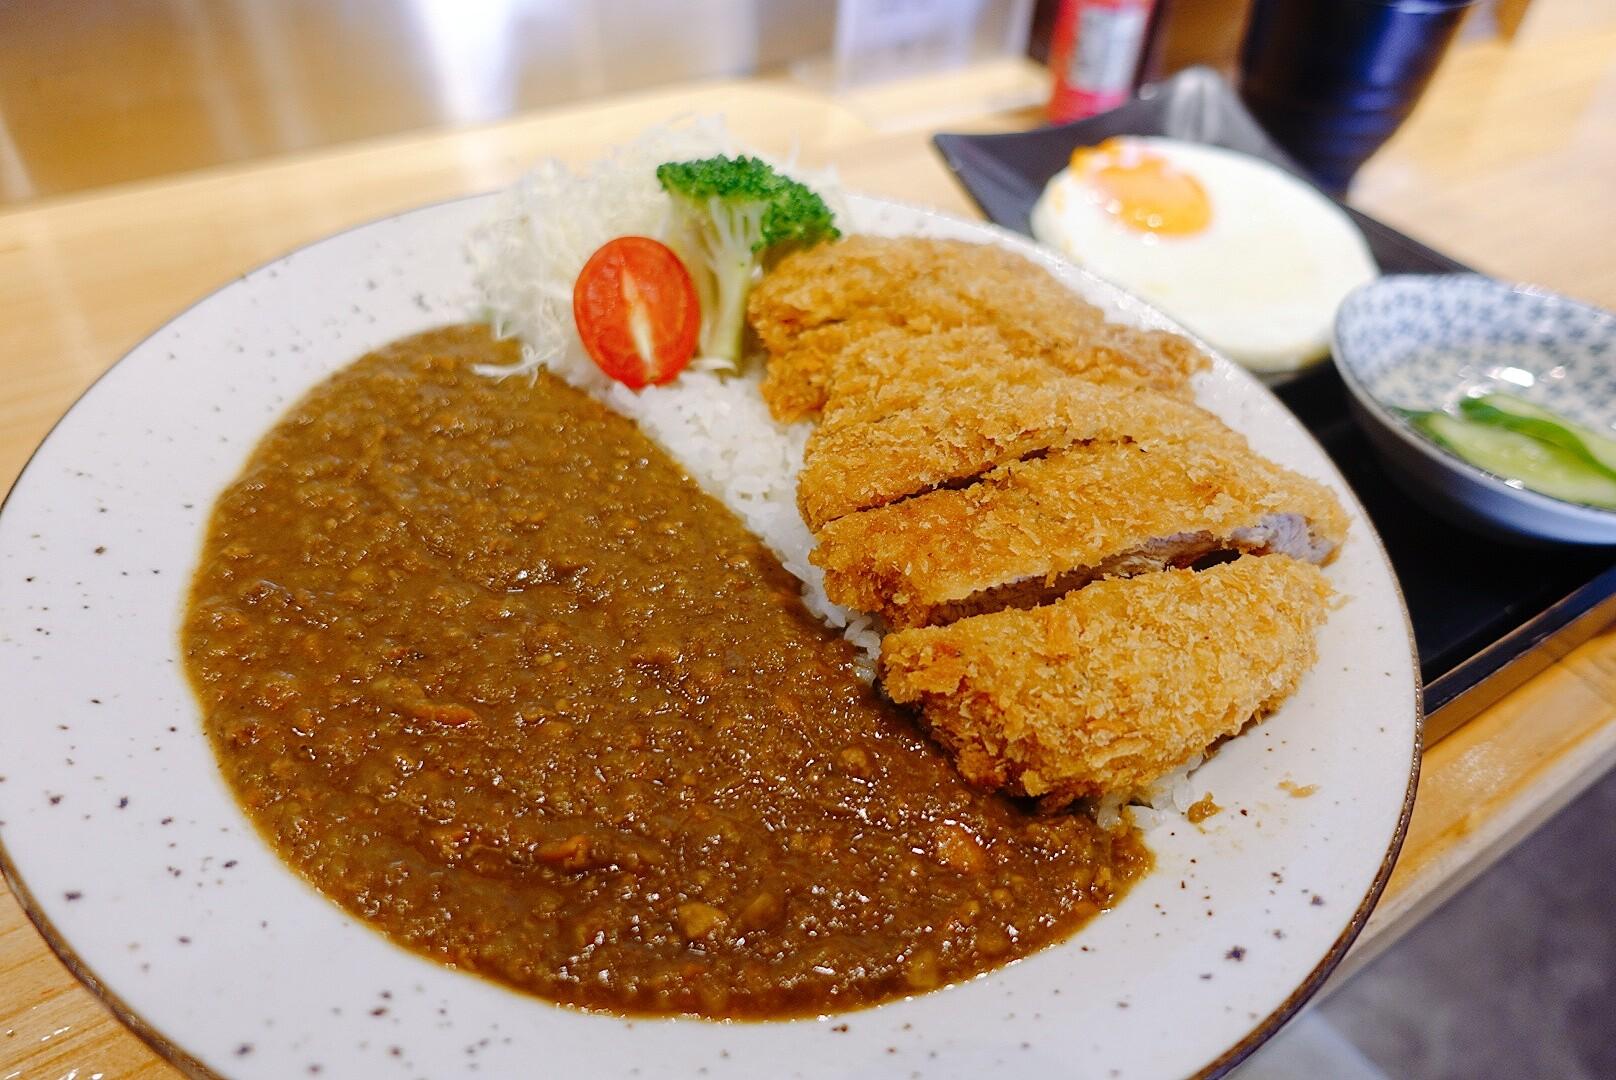 【花蓮市區】大好き|丼飯專賣,利用在地食材的好味道